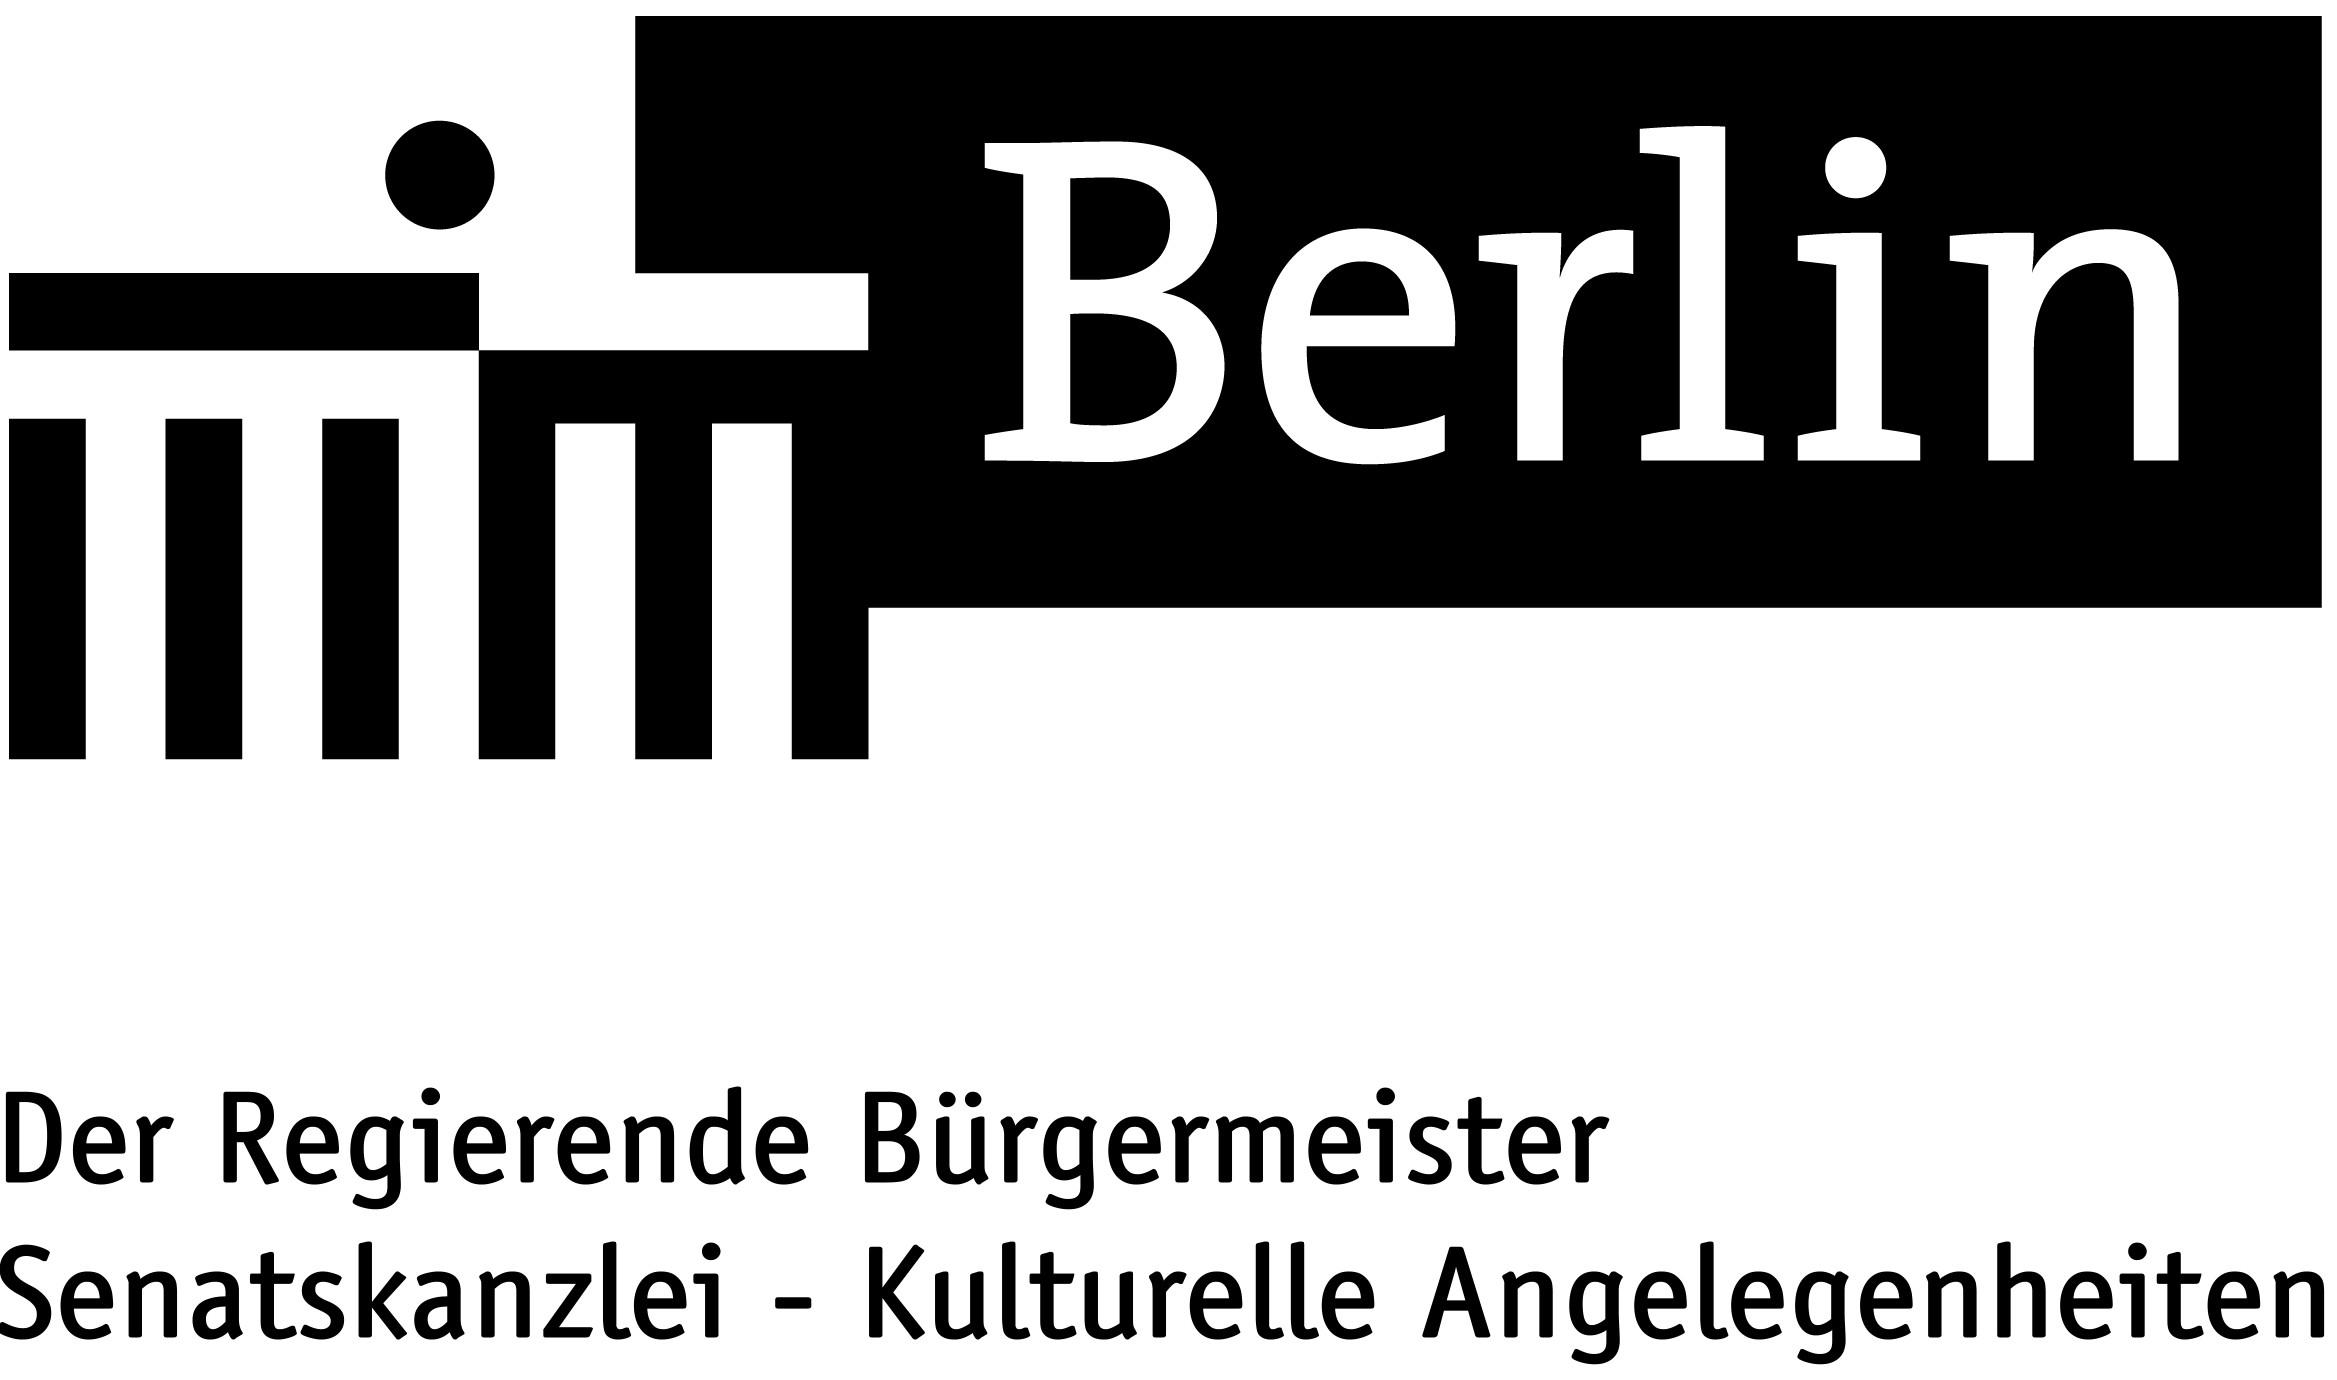 berlin_signet Kulturverwaltung 30.10.2008